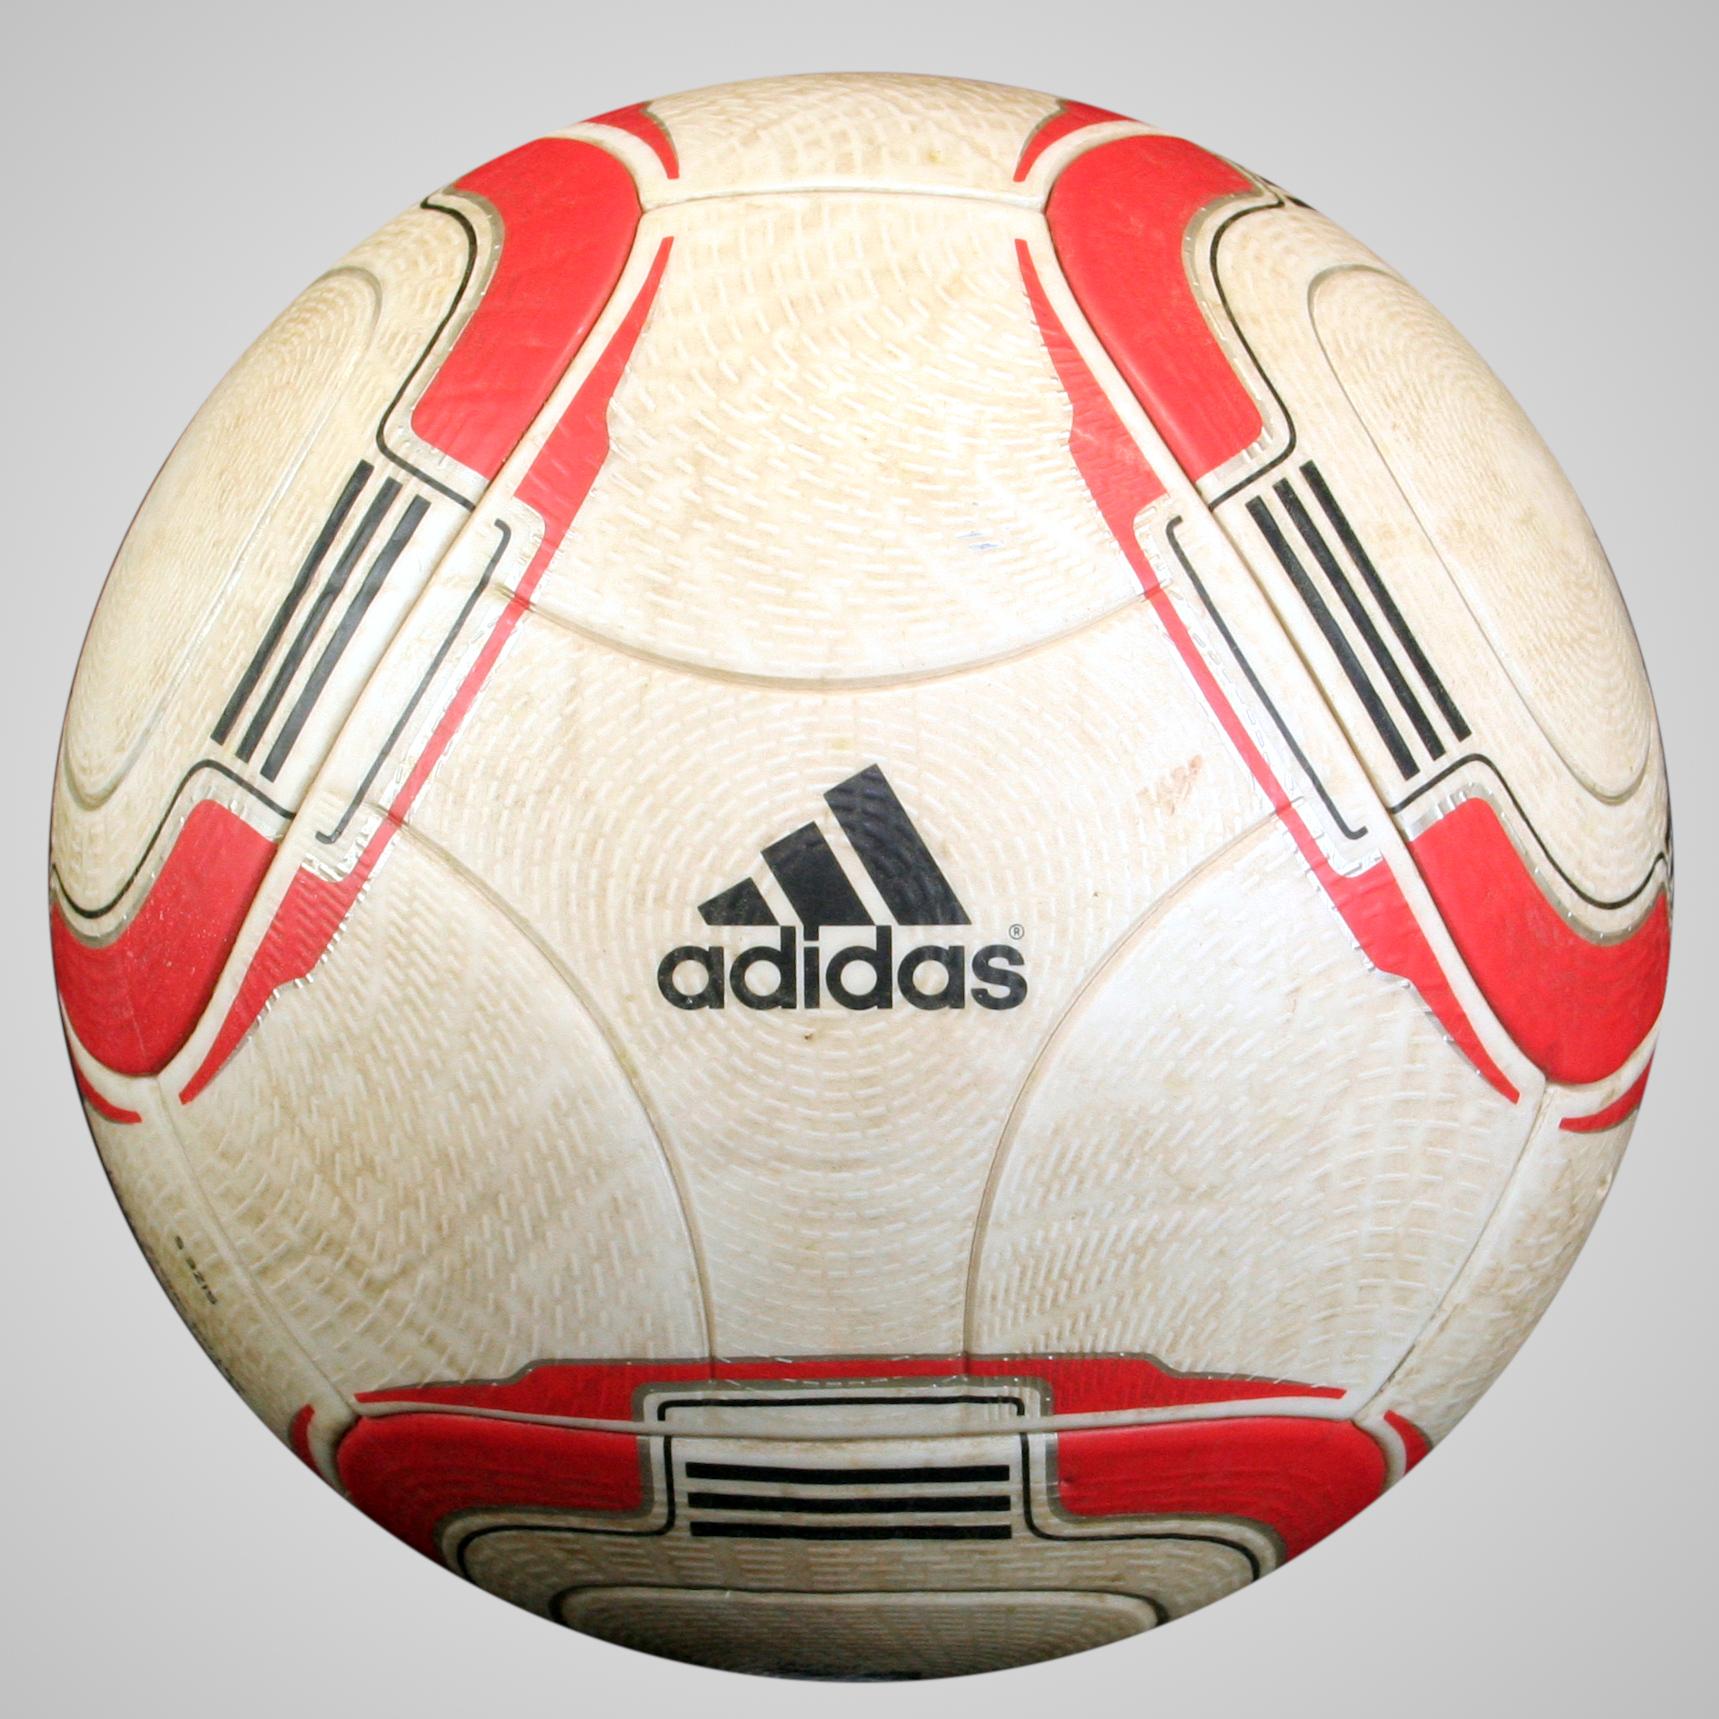 Adidas Torfabrik 2010 Official Matchball